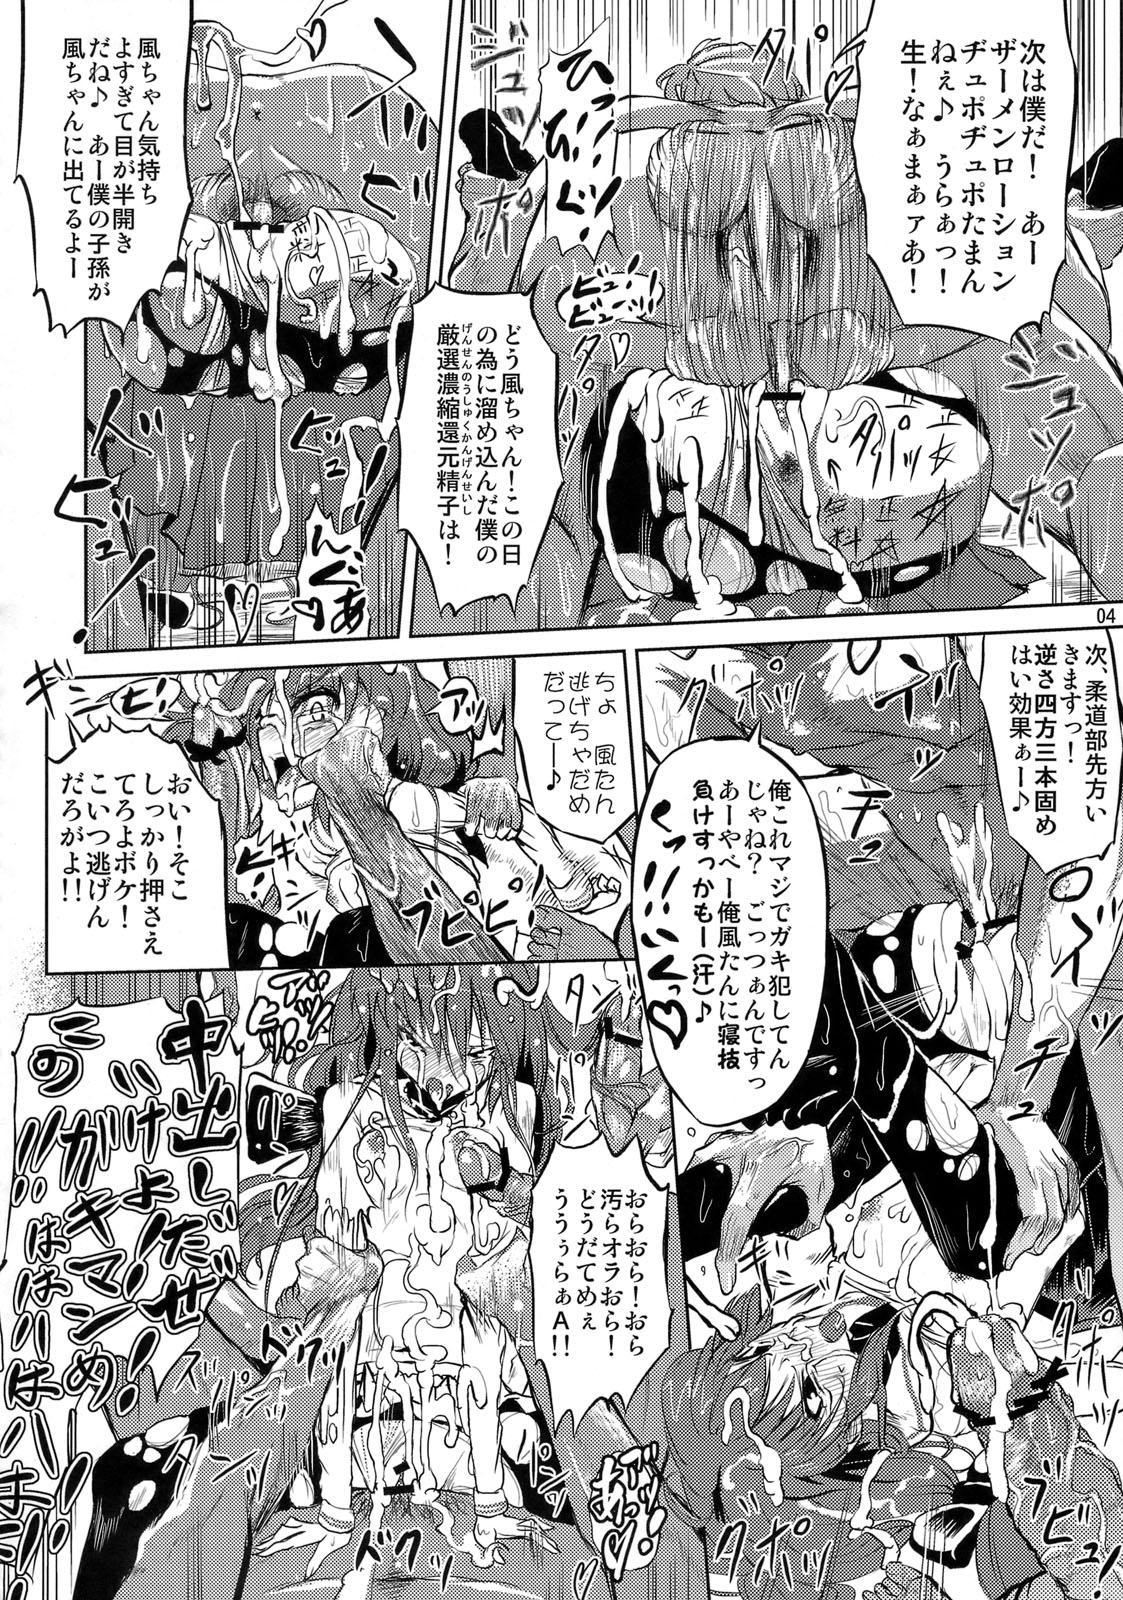 Ashi no Kirei na T-san wa Shimari ga ii 2